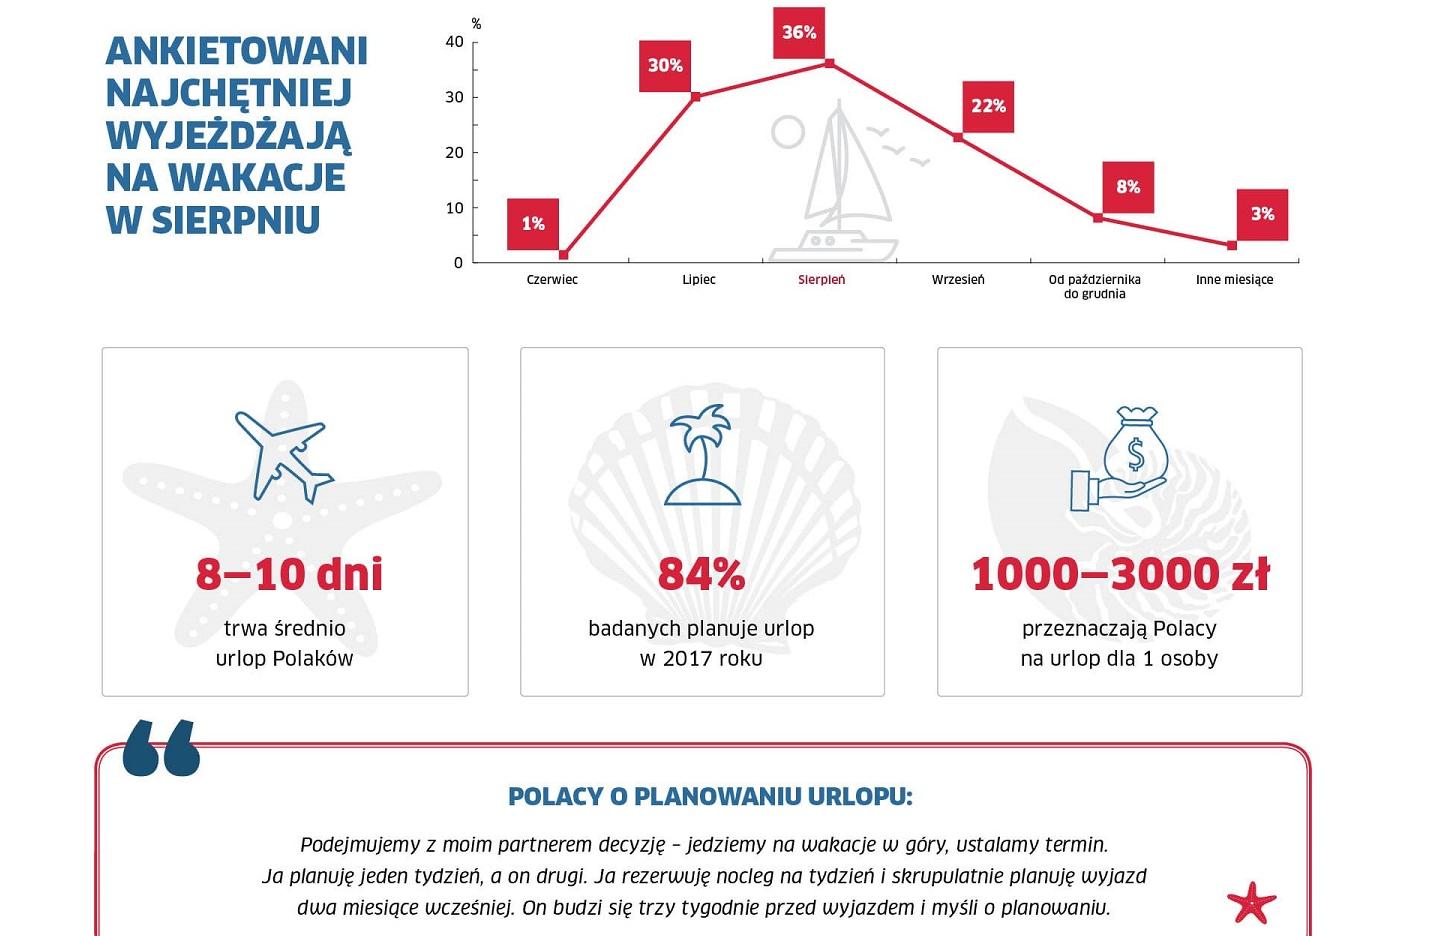 wyjazdy urlopowe Polaków statystyka